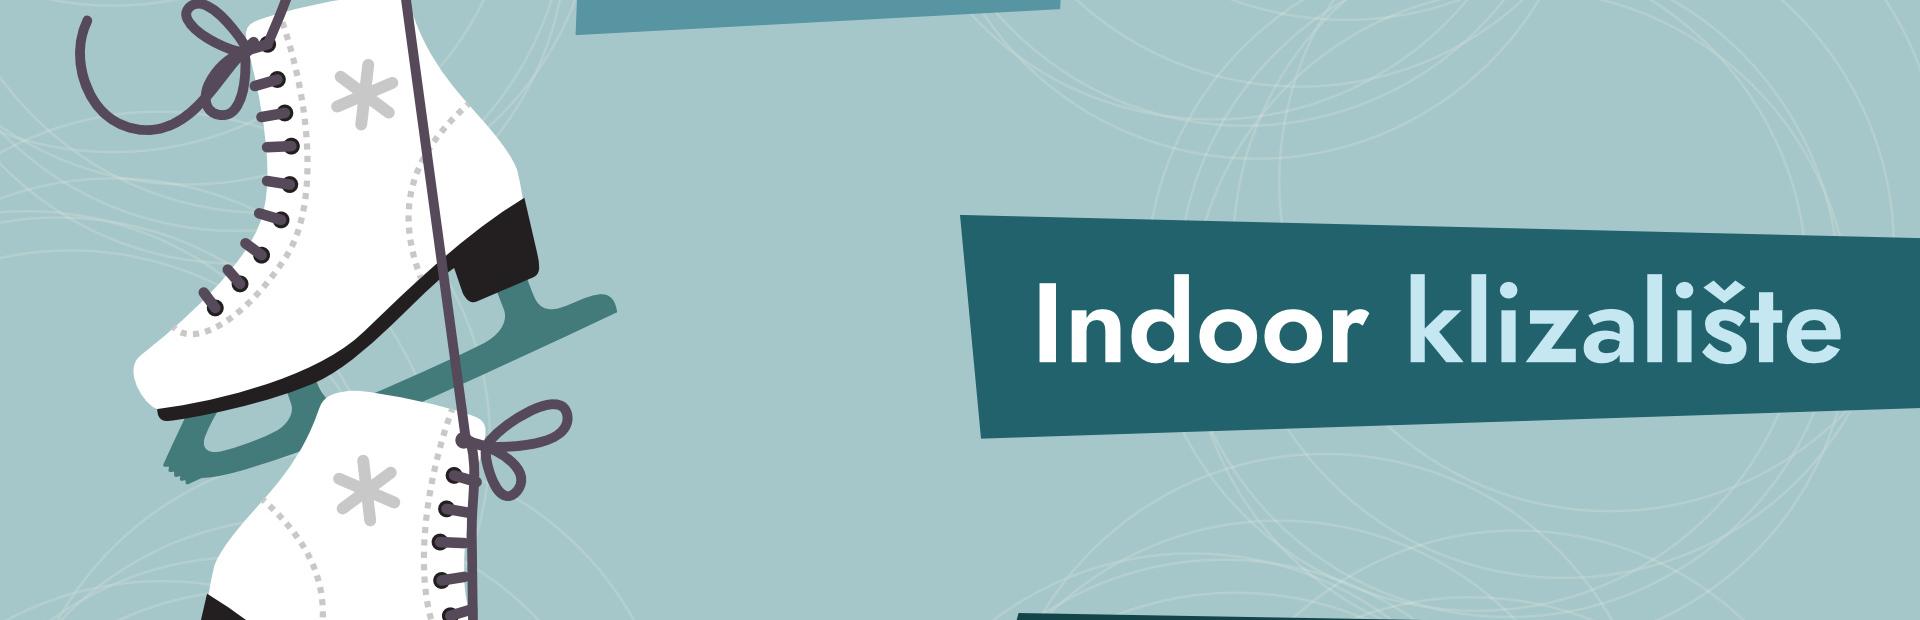 Besplatno indoor klizanje